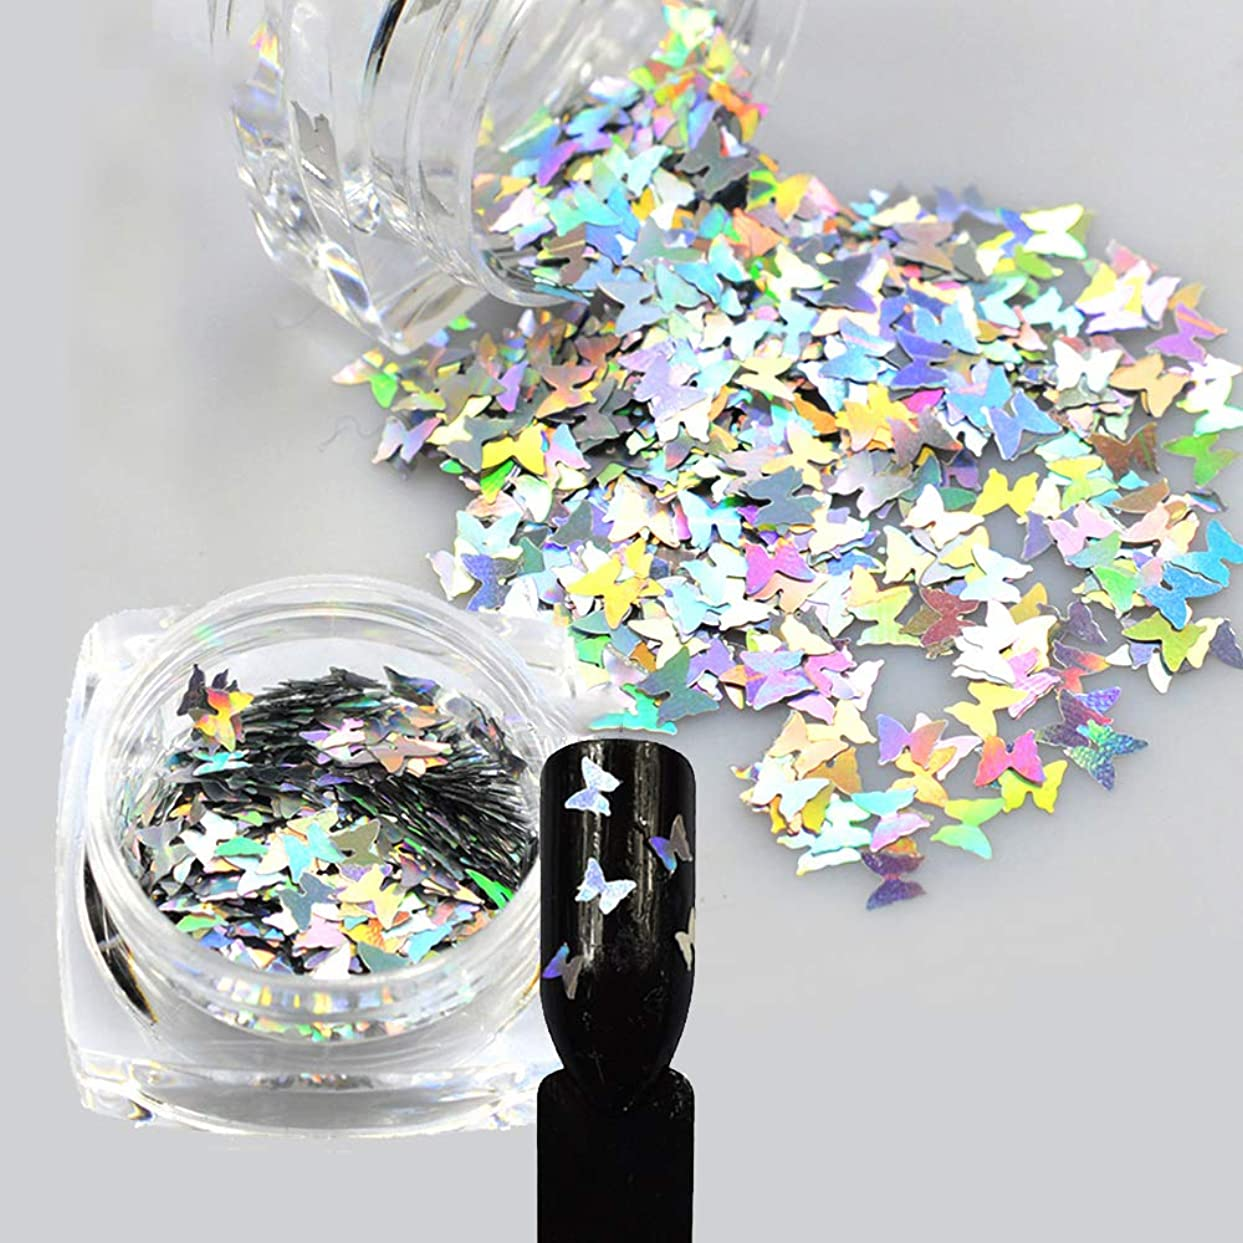 シェルター首相エジプト1ピースレーザー光沢のあるダイヤモンドラウンド超薄型スパンコールネイルアートキラキラのヒントUVジェル3DバタフライスパンコールレーザーマジックシルバーバタフライスパンコールネイルデコレーションマニキュアDIYアクセサリー